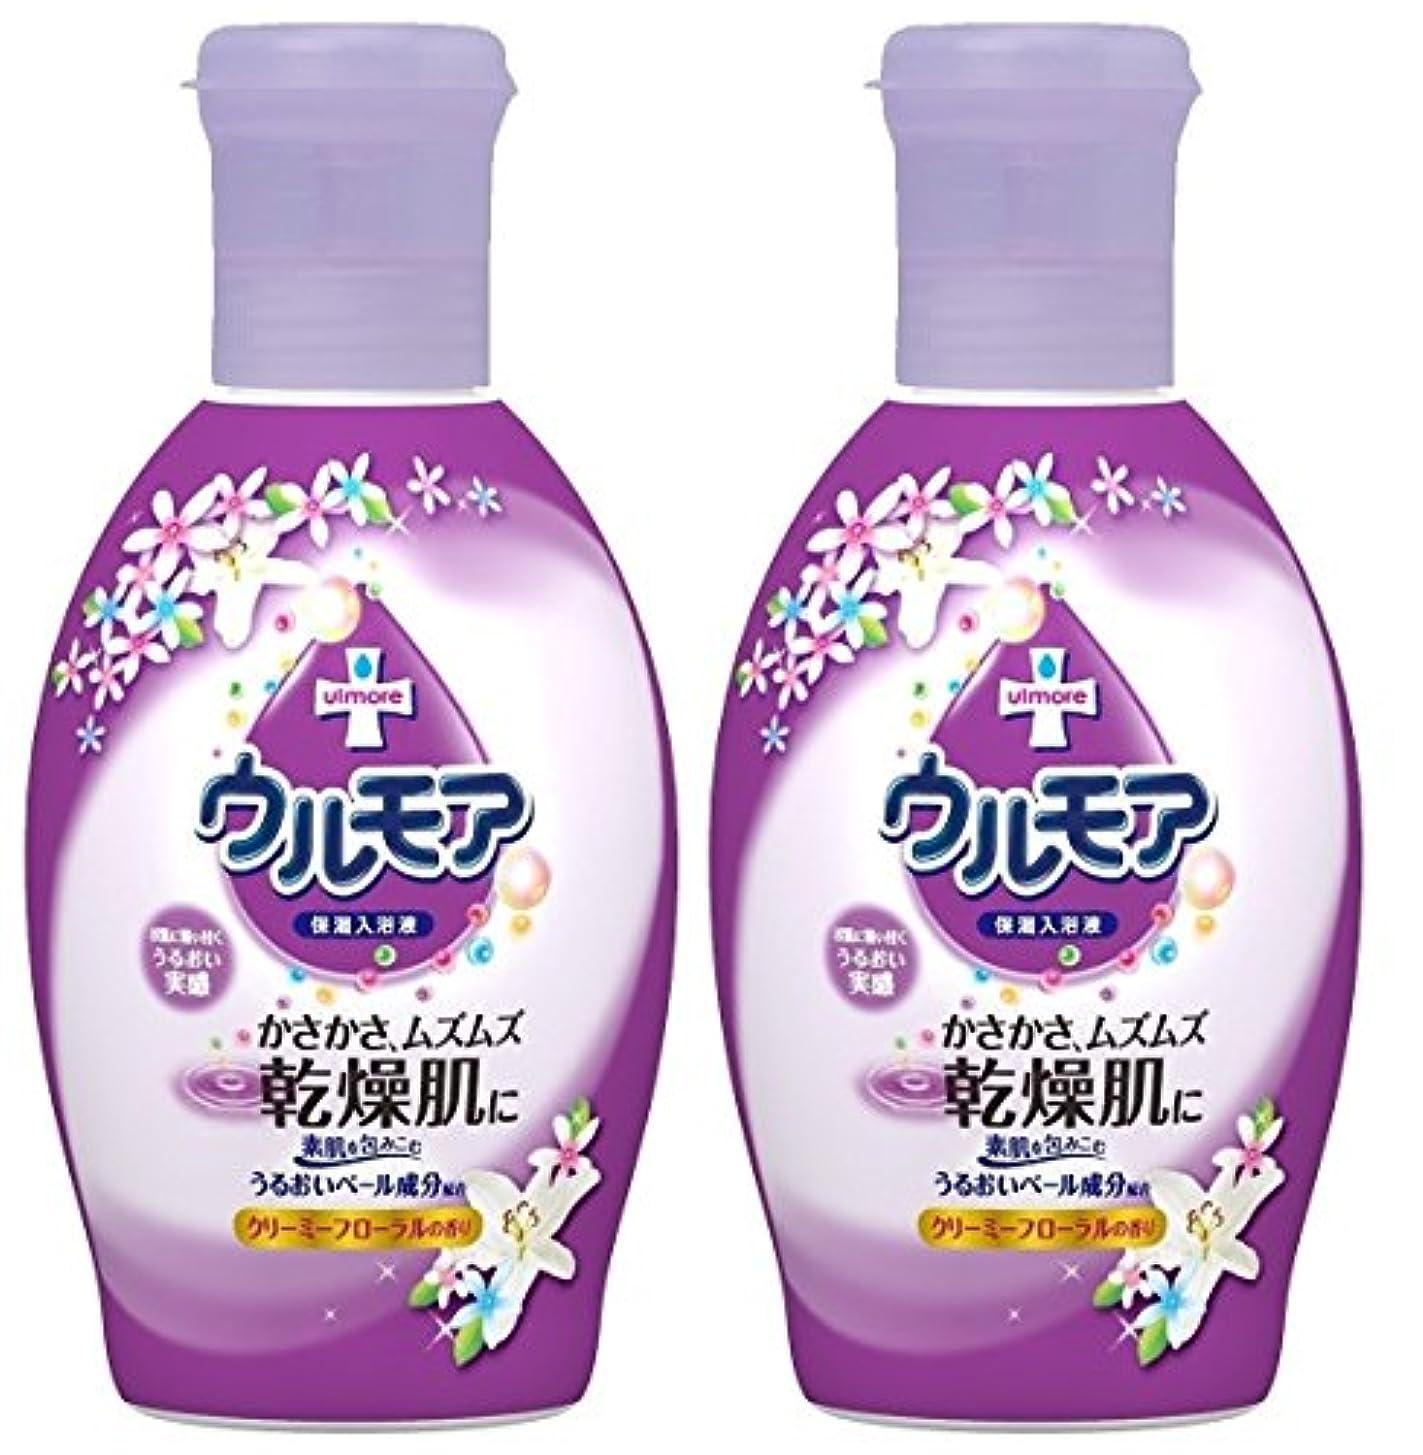 不適切なカウンタ同意【まとめ買い】保湿入浴液 ウルモアクリーミーフローラル 600mL ×2セット